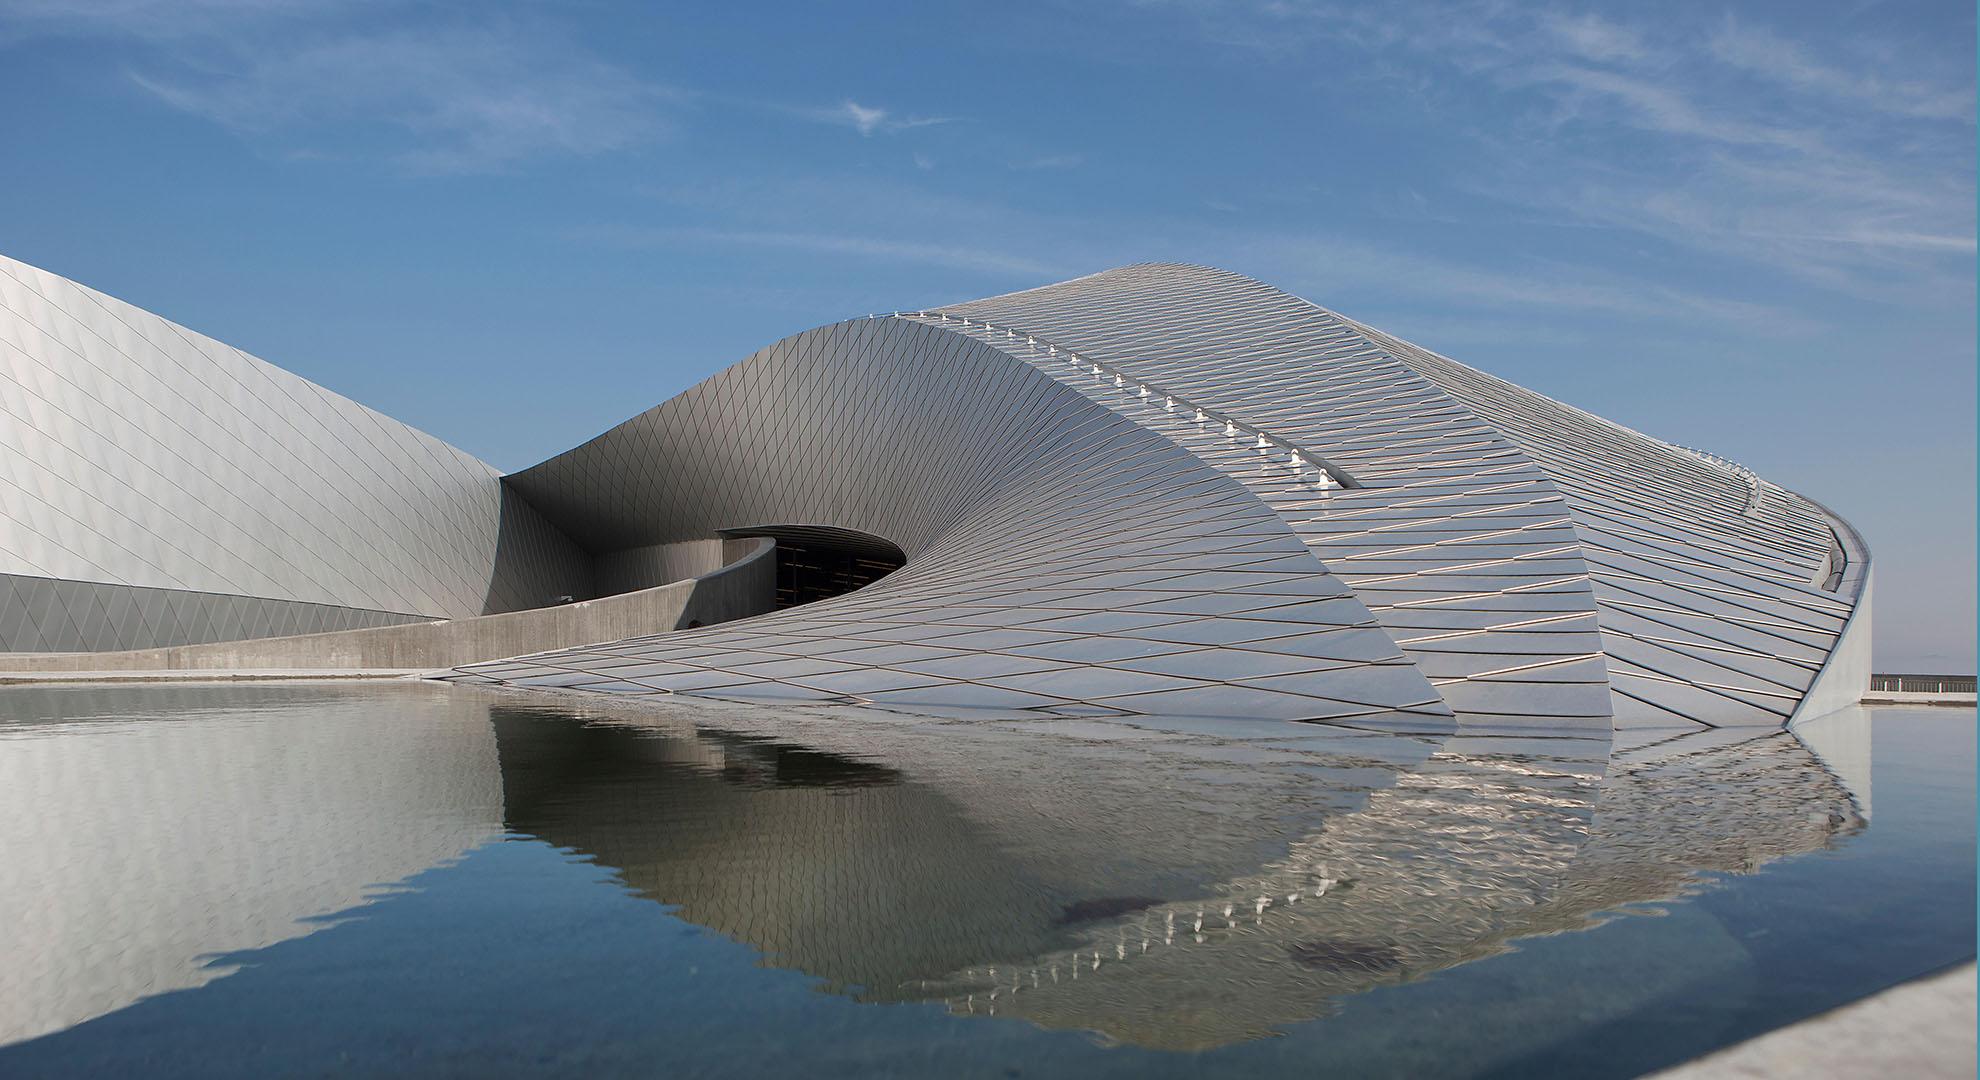 Acuario de Dinamarca. Arquitectura y mar